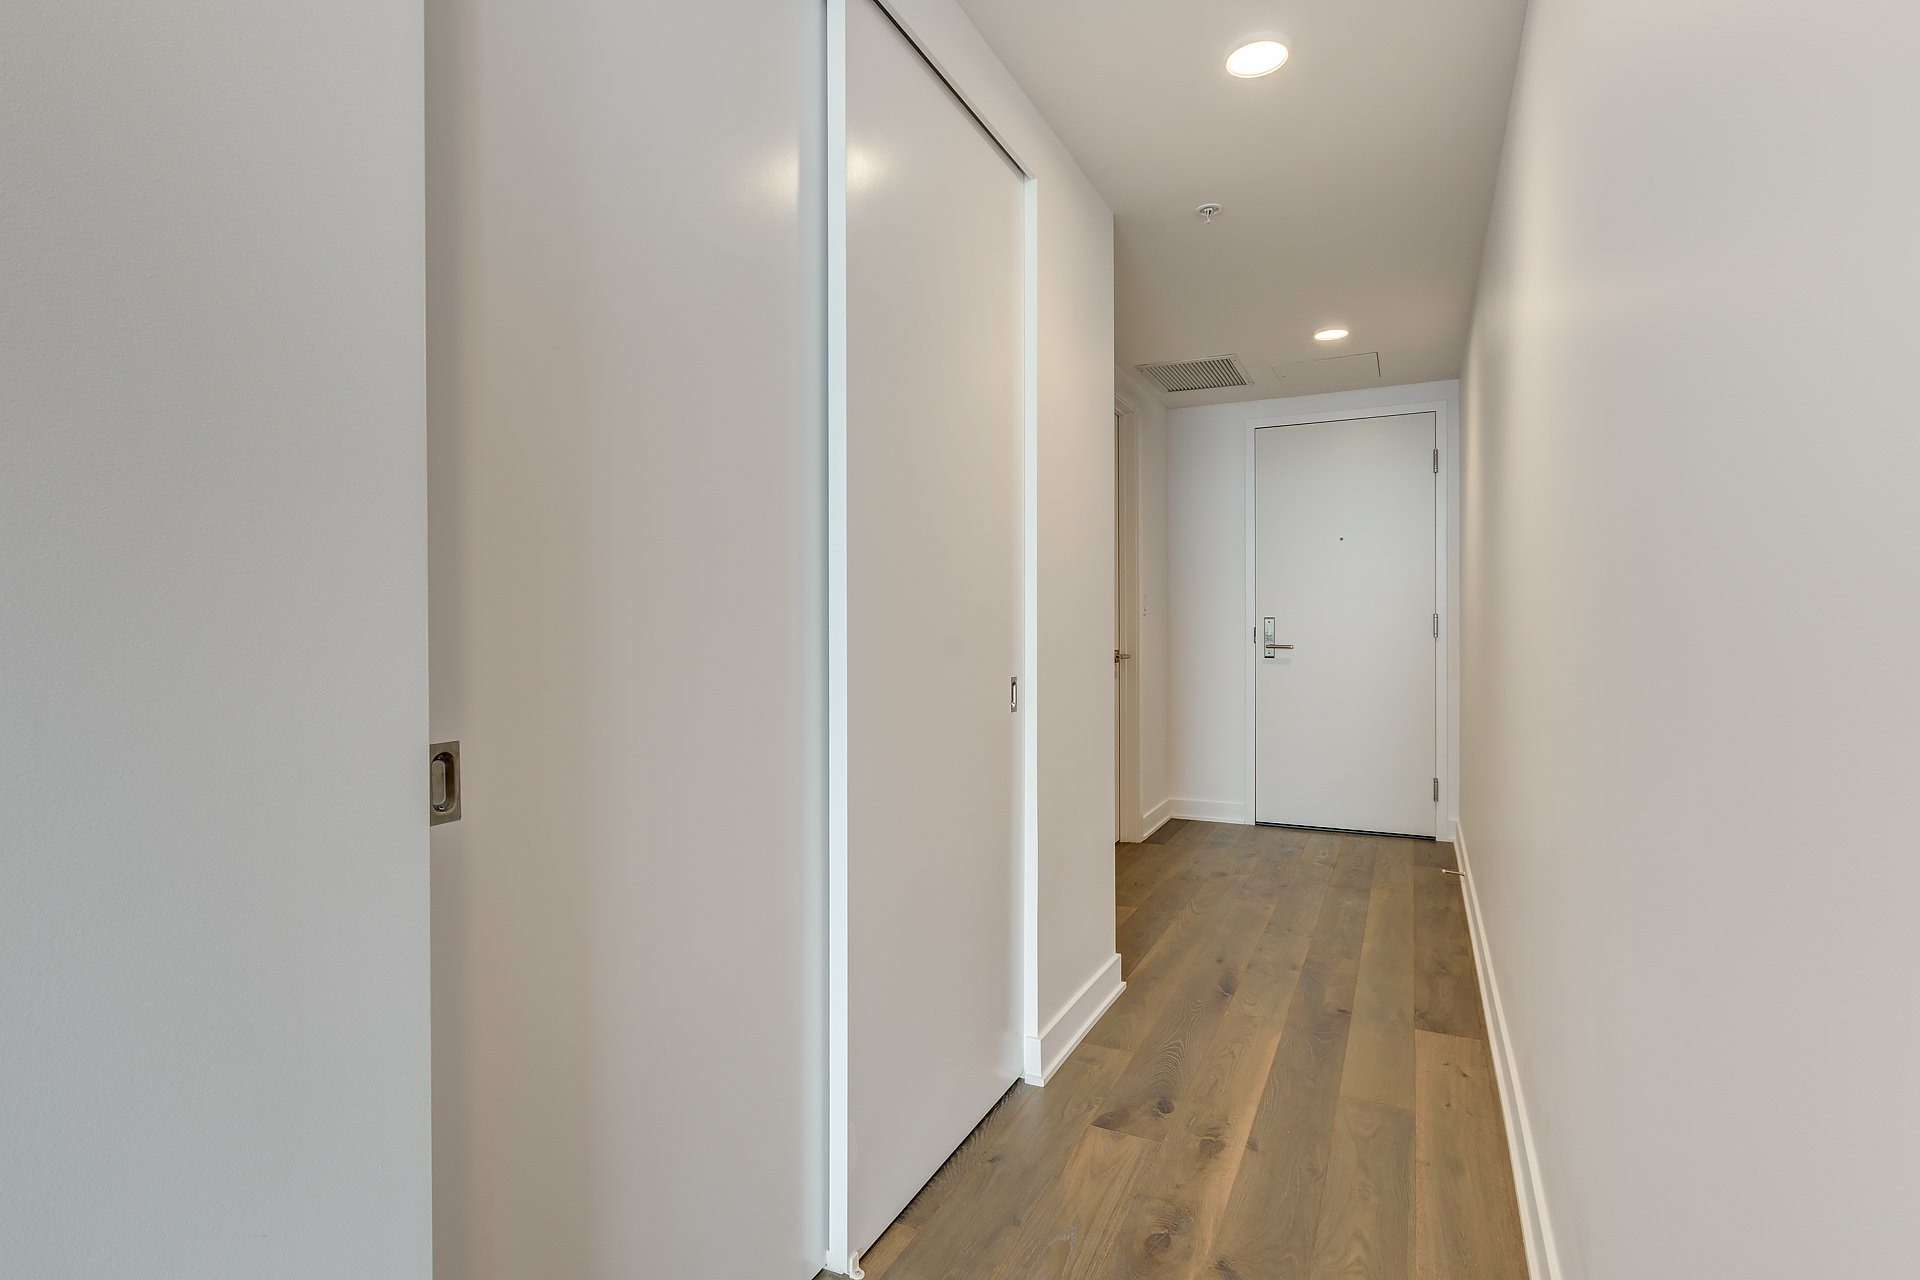 image 12 - Apartment For rent Montréal Ville-Marie  - 4 rooms